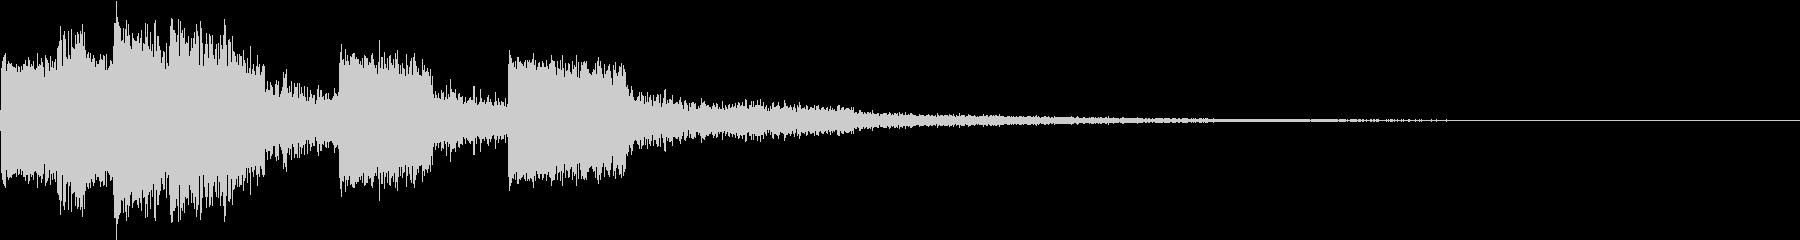 ピコピコ キュルルン ジャンプ Cの未再生の波形